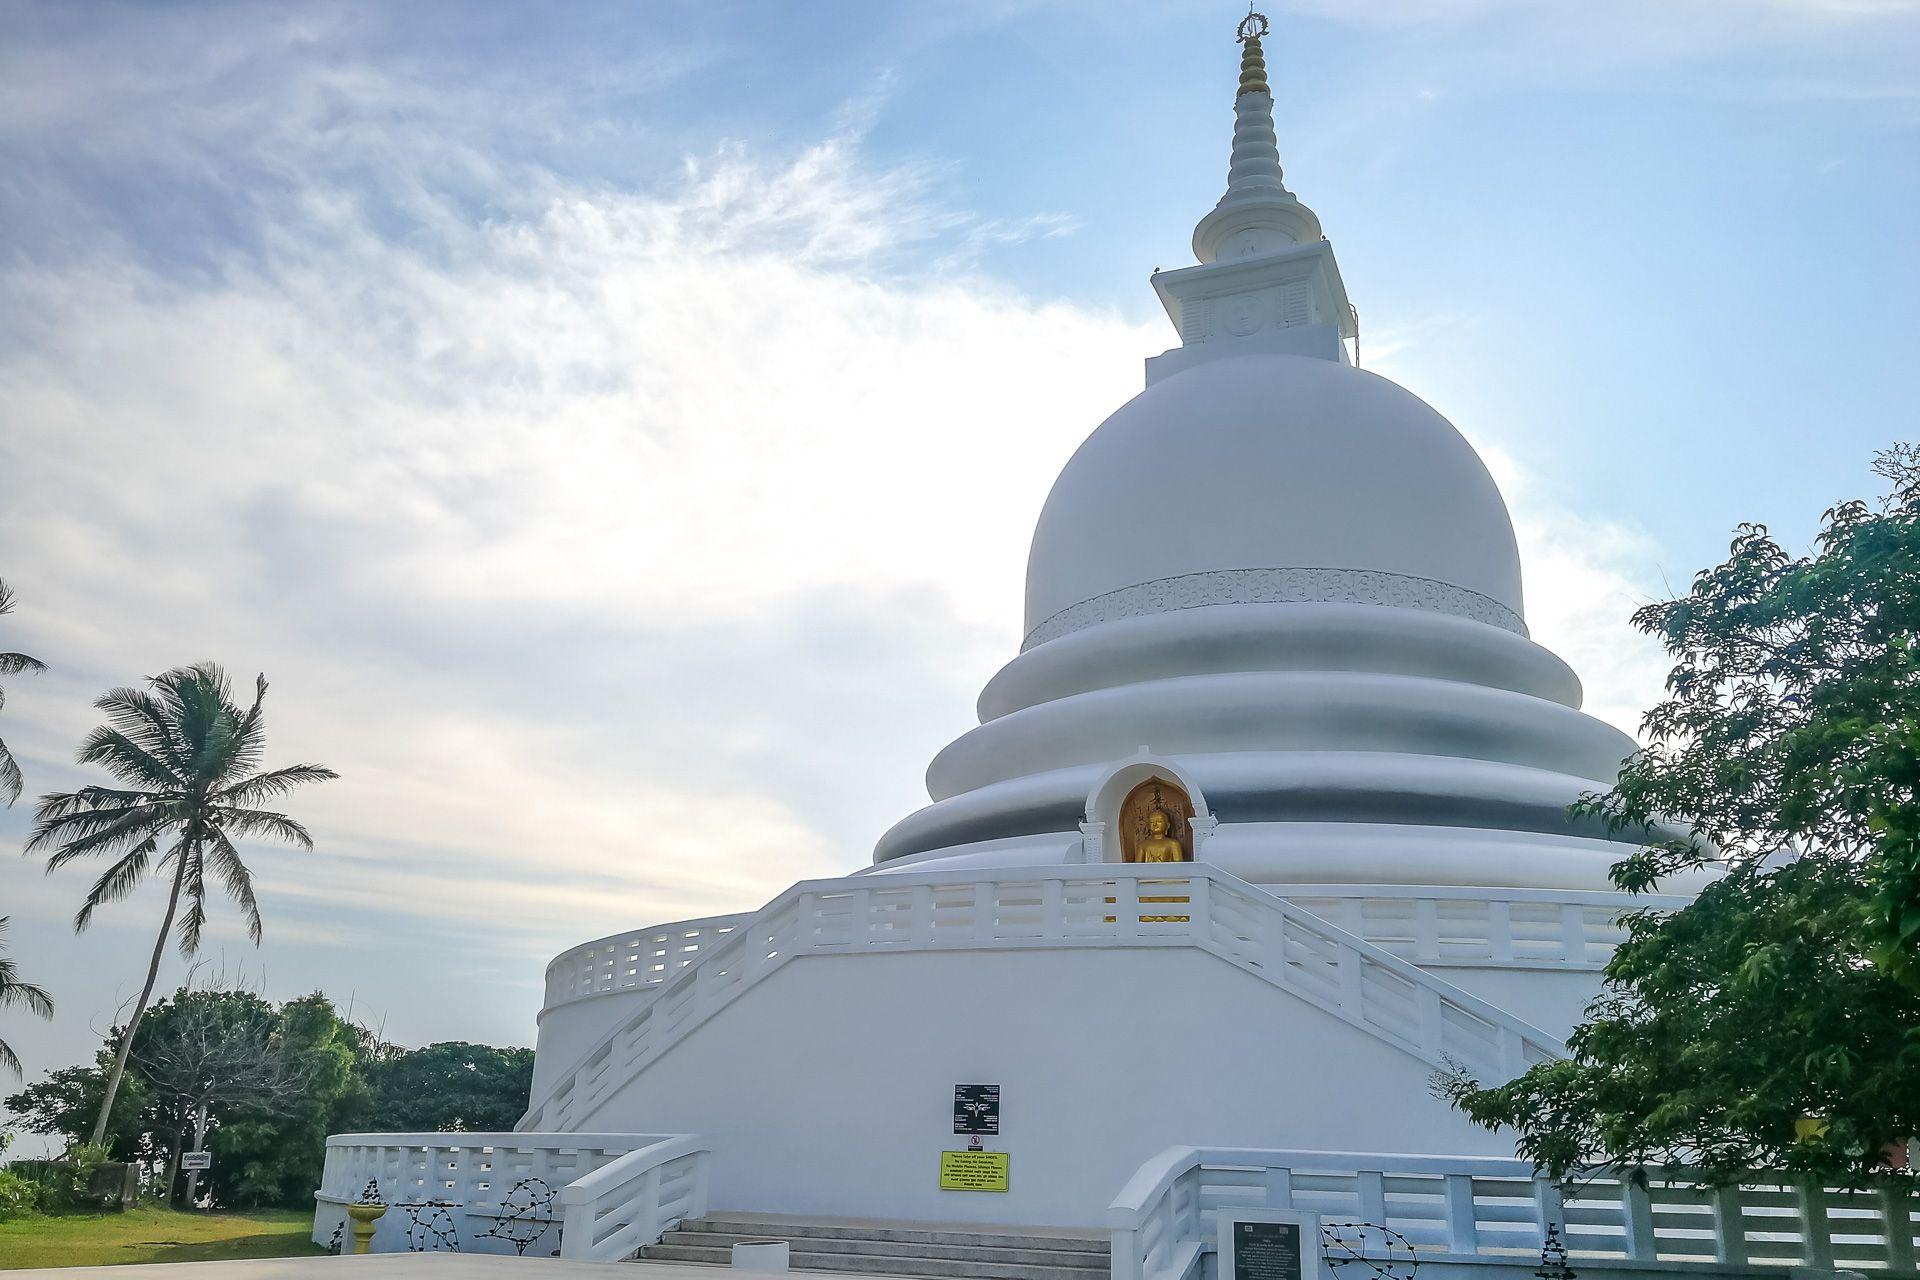 Japanese Peace Pagoda, Японская пагода мира, пагода мира Шри-Ланка, пагода мира Унаватуна, достопримечательности Унаватуны, достопримечательности Шри-Ланки, что посмотреть в Унаватуне, экскурсии из Унаватуны, где встретить закат в Унаватуне, джангл бич шри-ланка, Шри-Ланка фото, Шри-Ланка фото с квадрокоптера, Шри-Ланка фото с дрона, пляжи Шри-Ланки, Шри-Ланка что посмотреть, пагода мира,